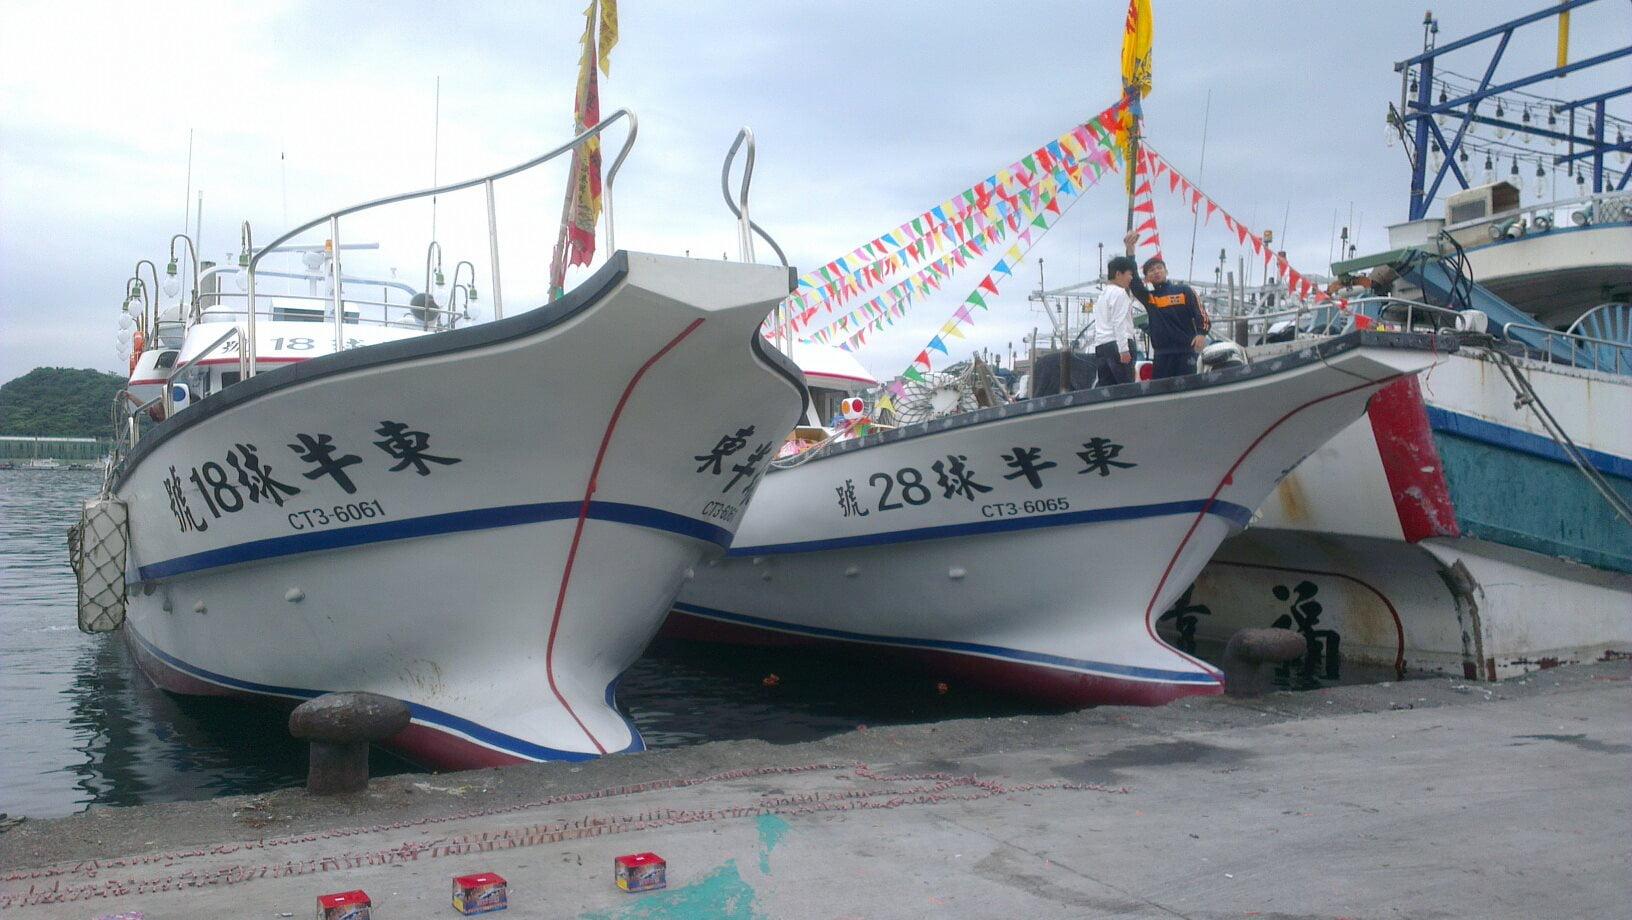 釣魚台教育協會新聞稿「日方越界捕我漁船 政府護漁不力向日哈腰」